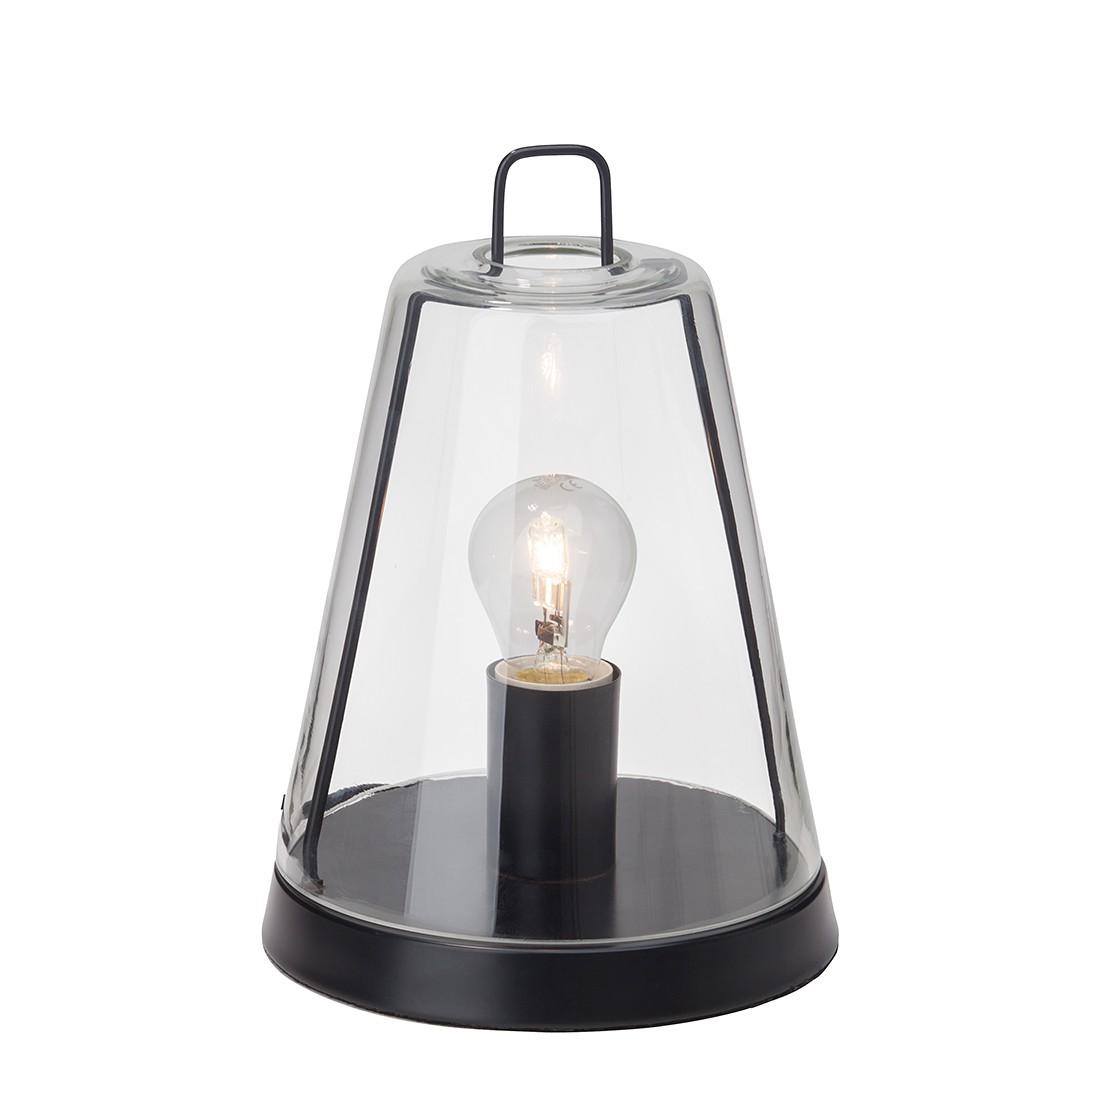 Tischleuchte Handy ● Metall/Glas ● Schwarz ● 1-flammig- Brilliant A++